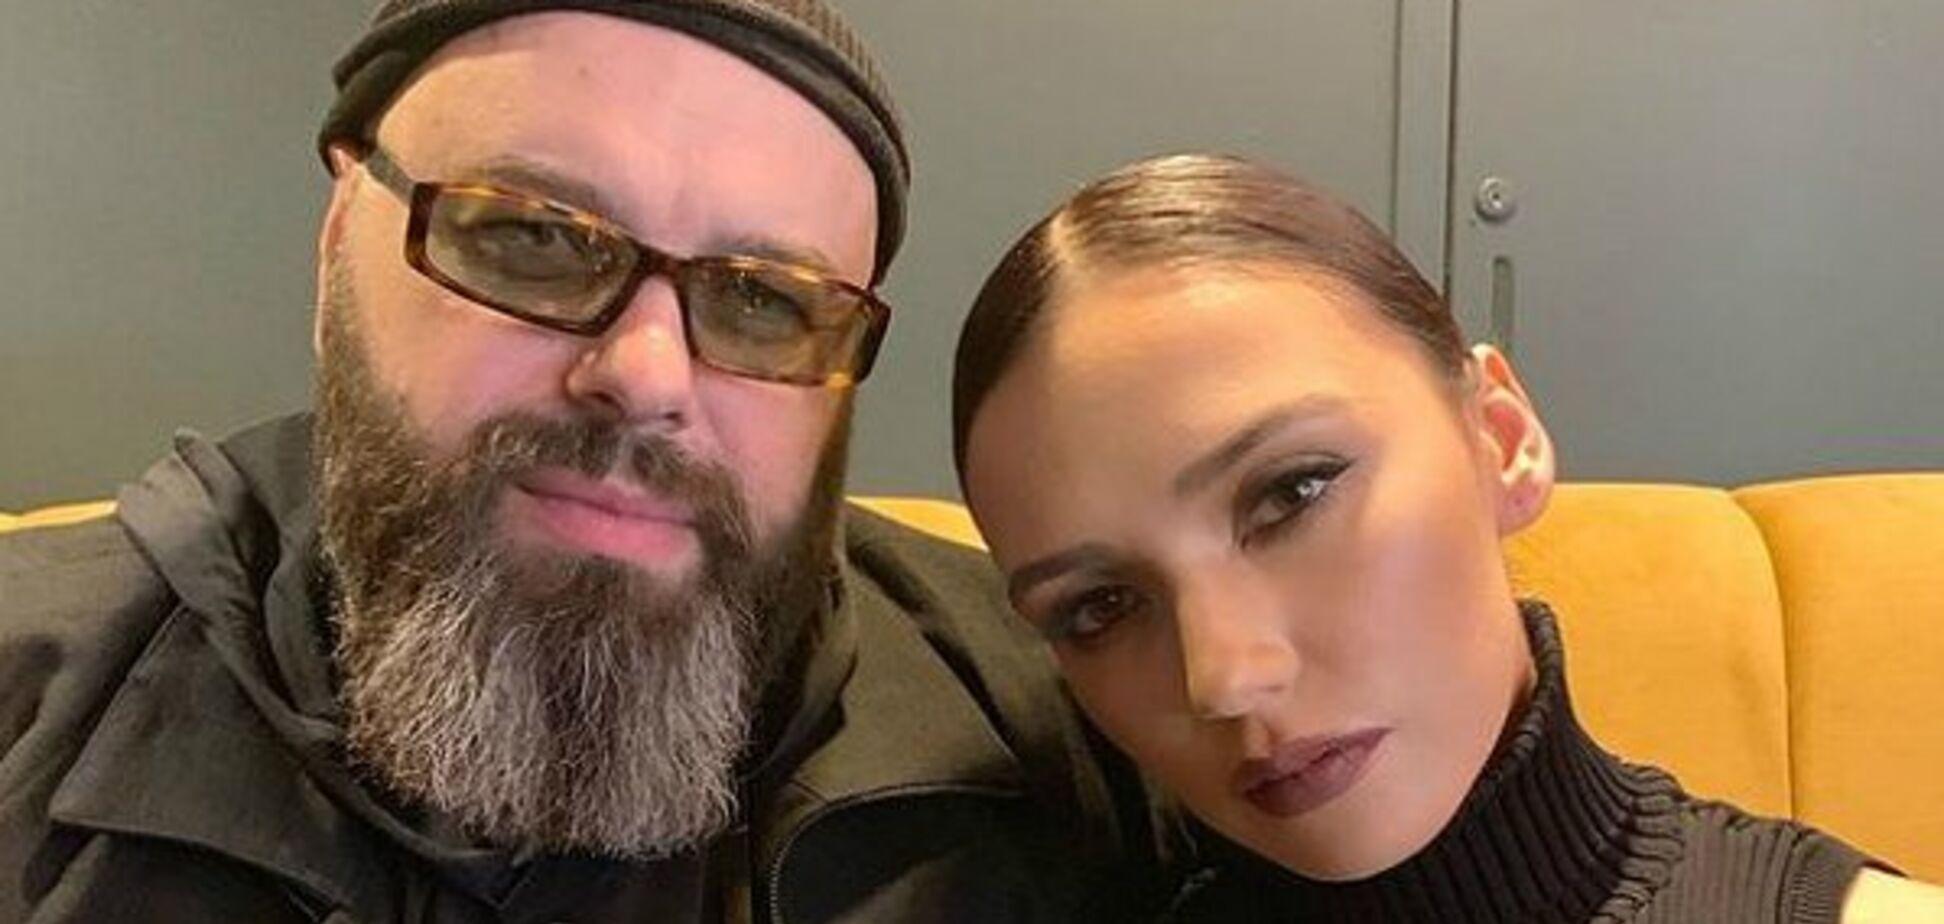 'Вірю, що все буде добре': екссолістка 'Серебра' зробила заяву після чуток про серцевий напад Фадєєва